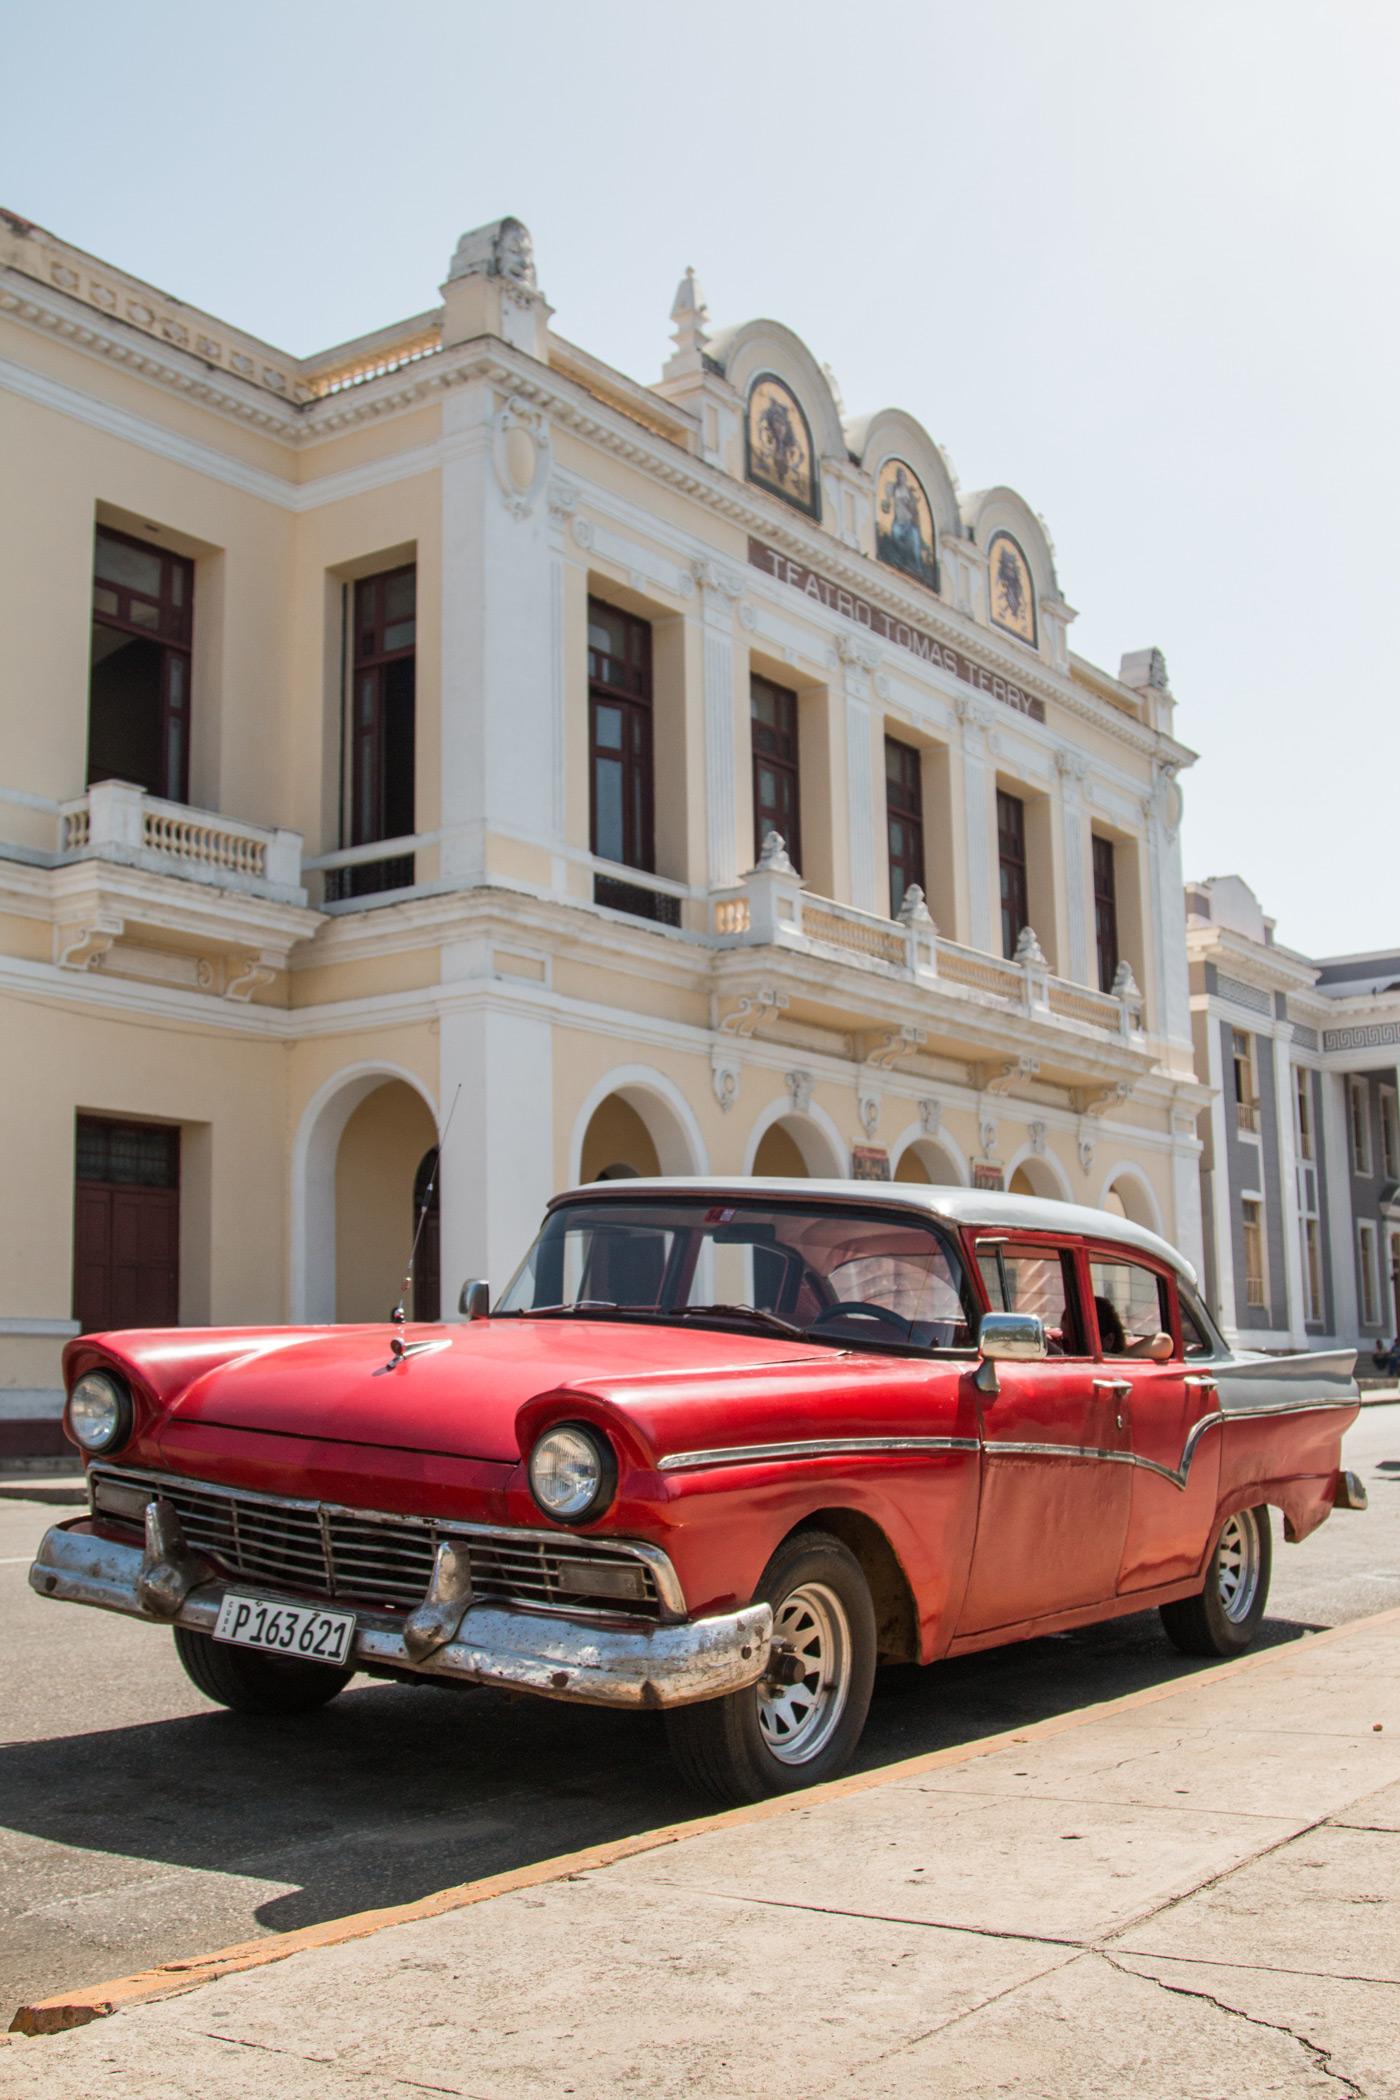 Postcard shot in Cienfuegos